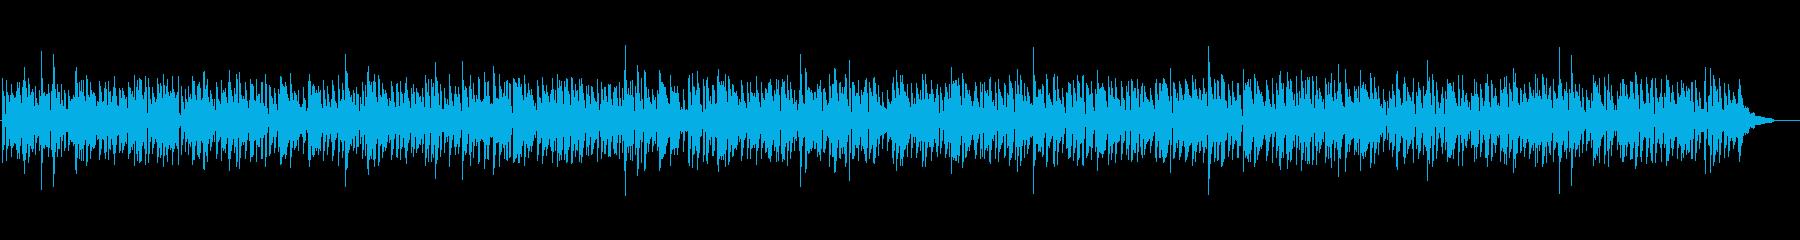 おしゃれなボサノバナイロンギターカフェ風の再生済みの波形